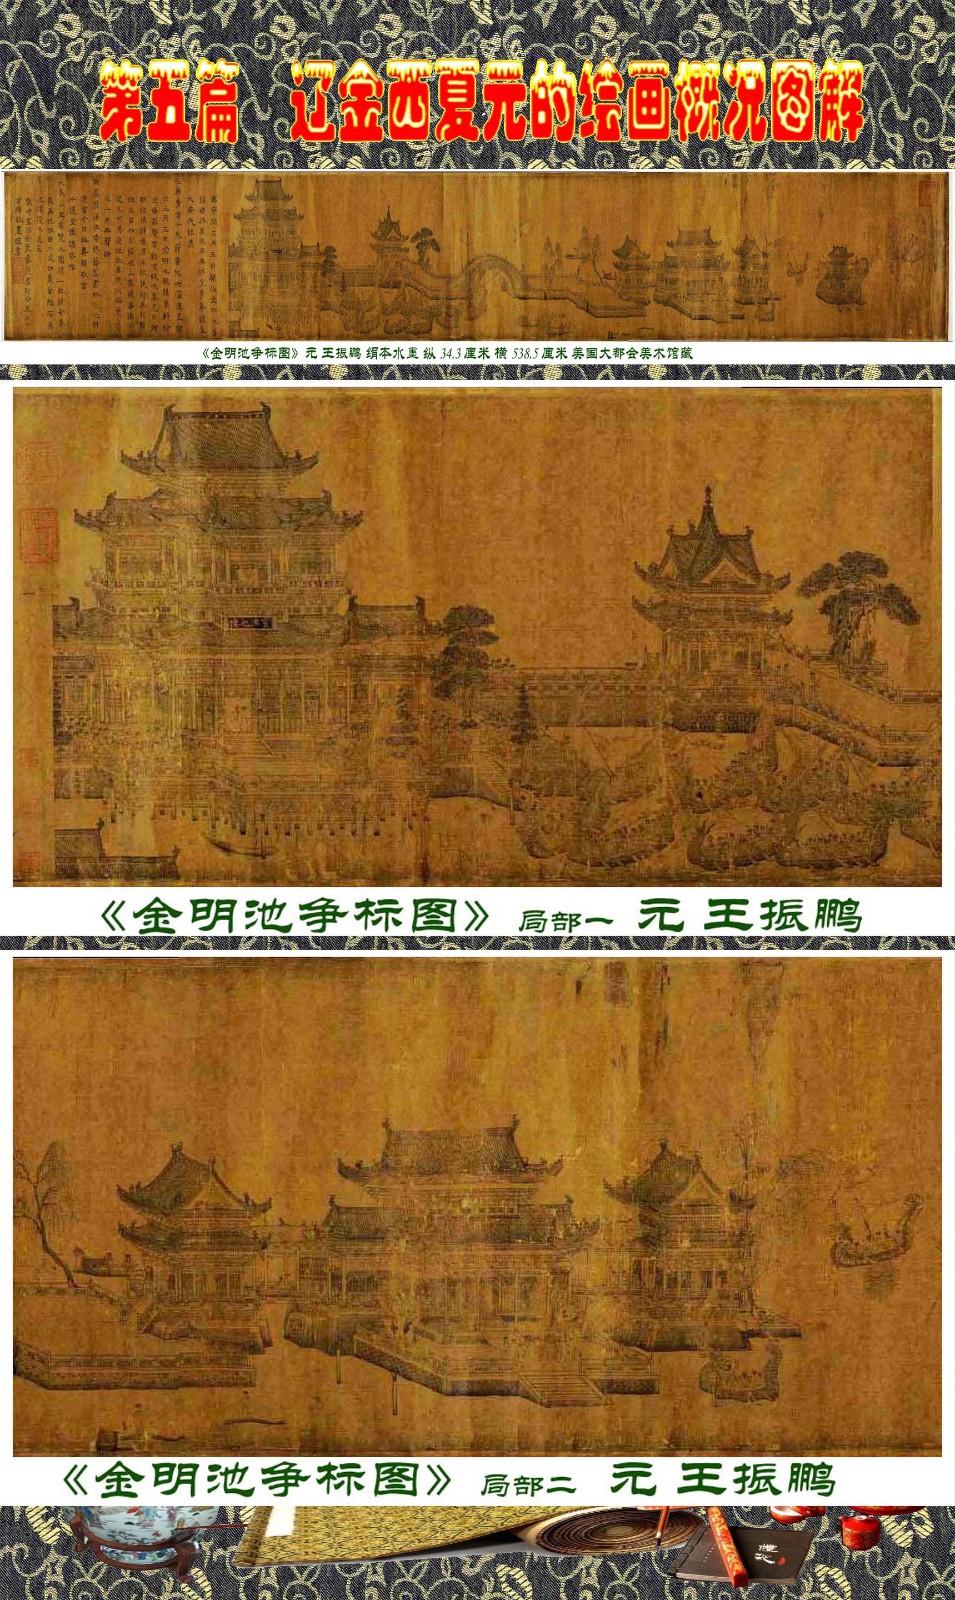 顾绍骅编辑 中国画知识普及版 第五篇 辽金西夏元的绘画概况 下 ... ..._图1-47